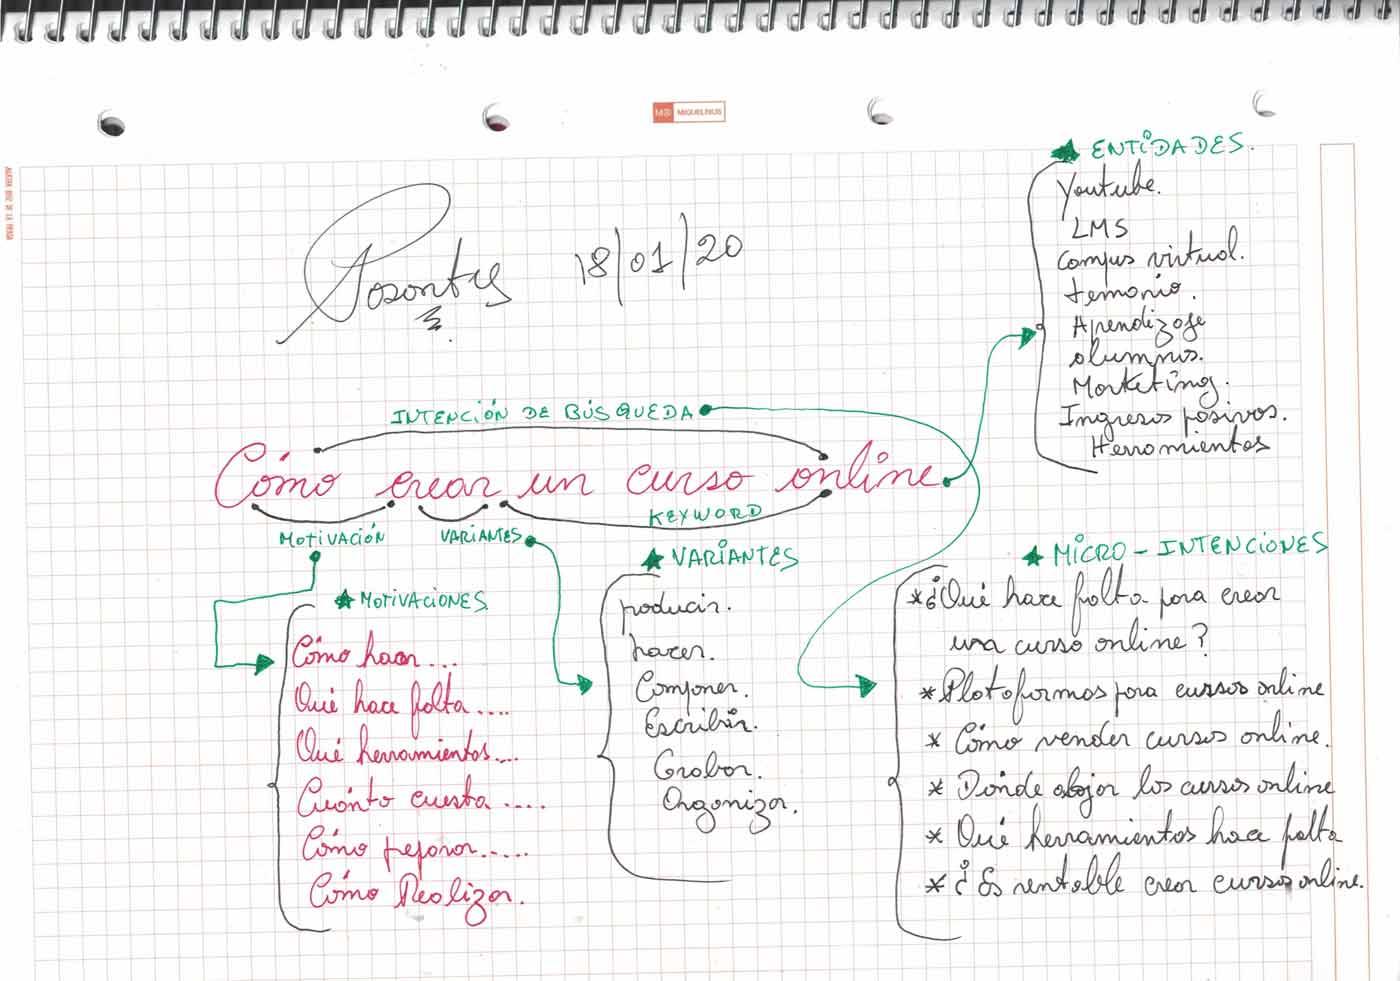 Metodología-Posodnty-Intenciones-de-Búsqueda